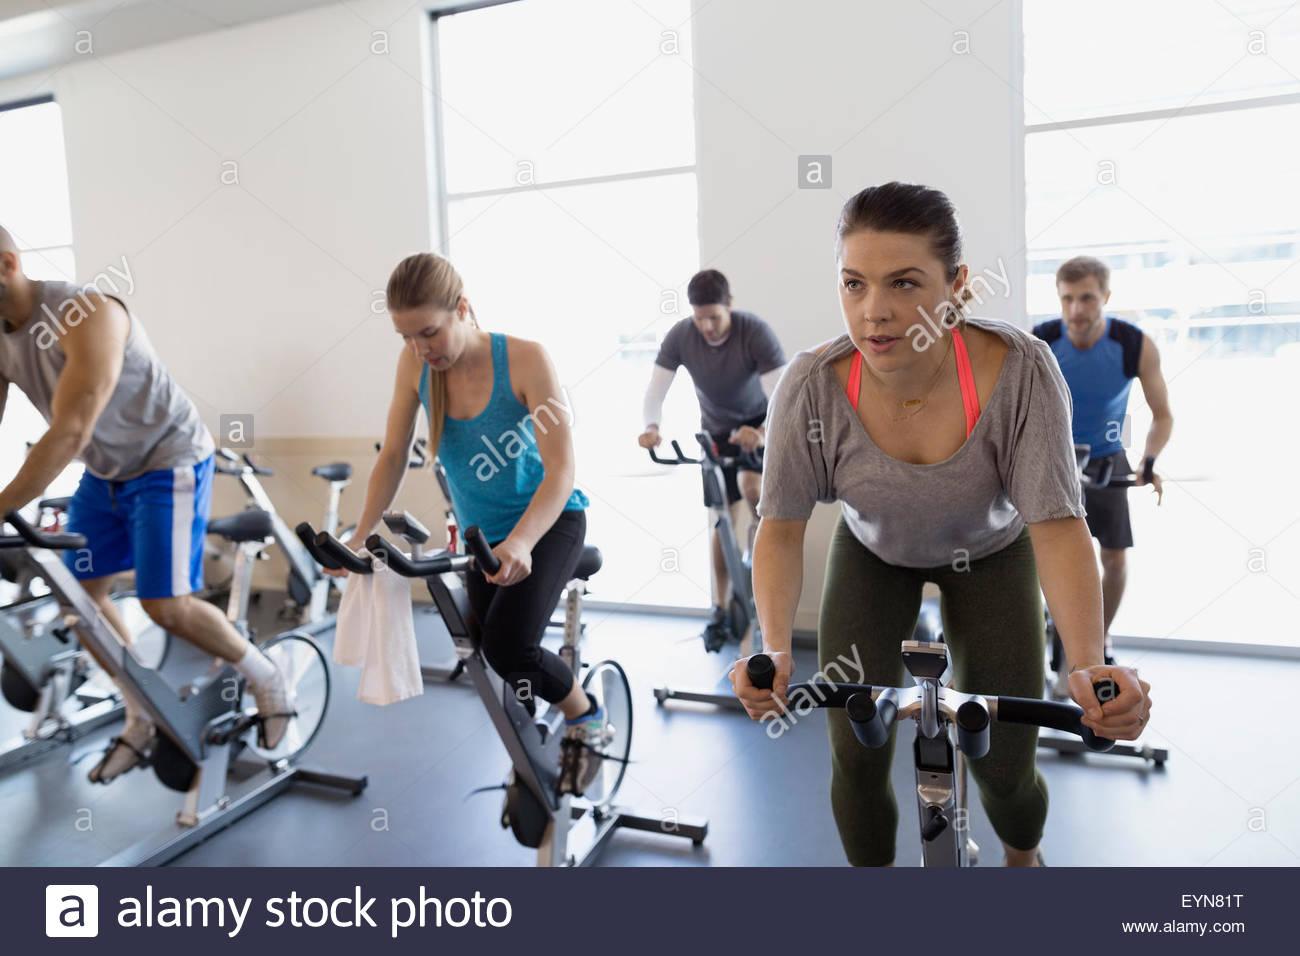 Spin-Klasse auf stationären Fahrrädern in Turnhalle Stockfoto